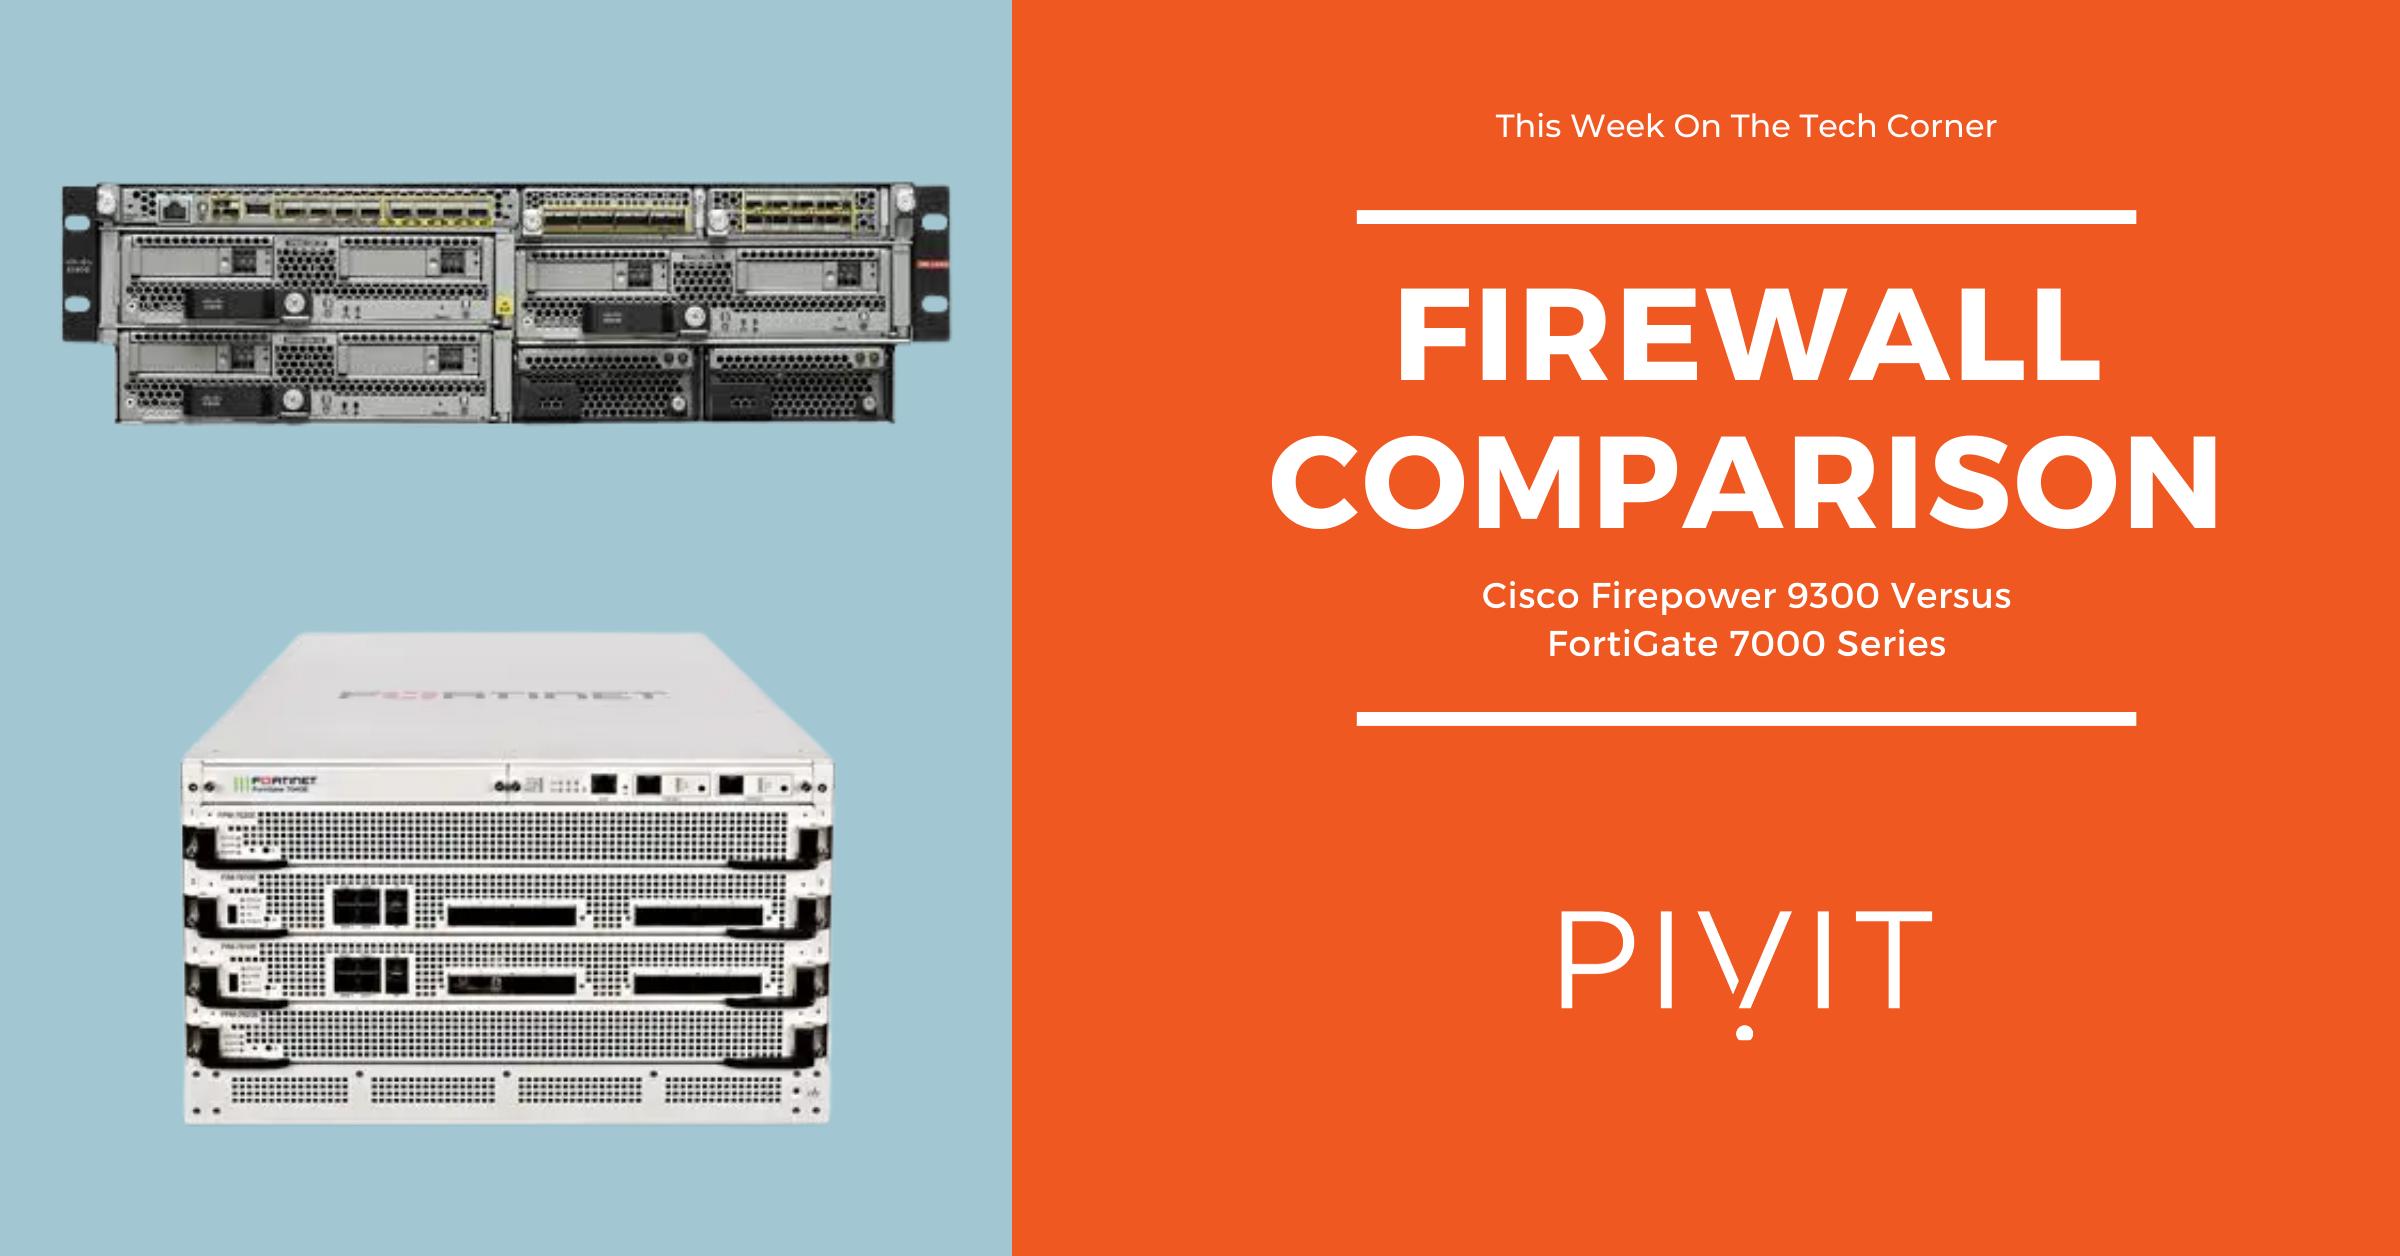 Cisco Firepower 9300 Versus FortiGate 7000 Series Firewall